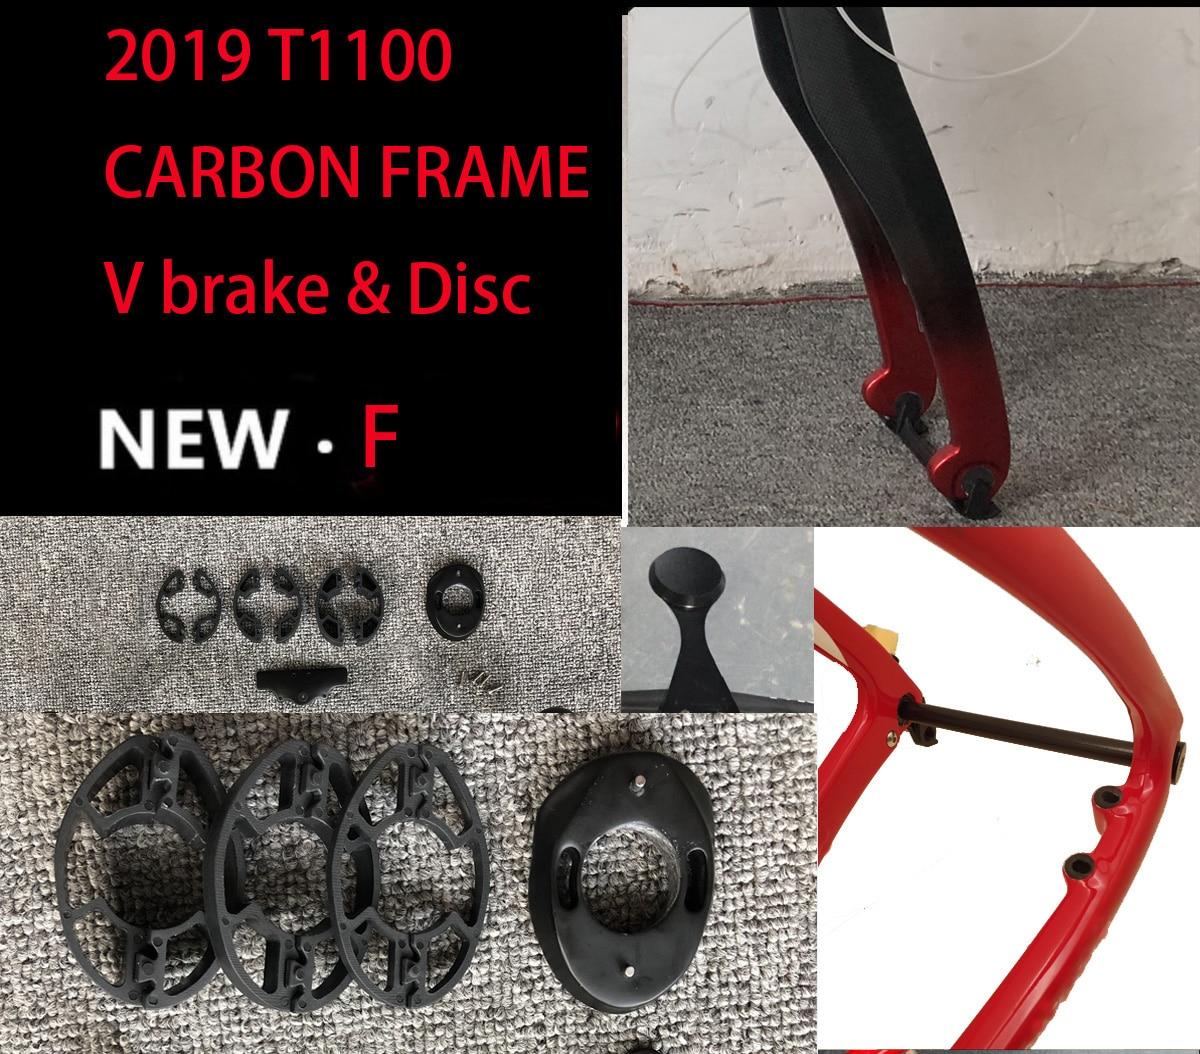 2019 T1100 карбоновая дорожная рама 3k 1K карбоновая рама для велосипеда, карбоновый диск через ось, дорожная рама, карбоновая велосипедная Рама ...